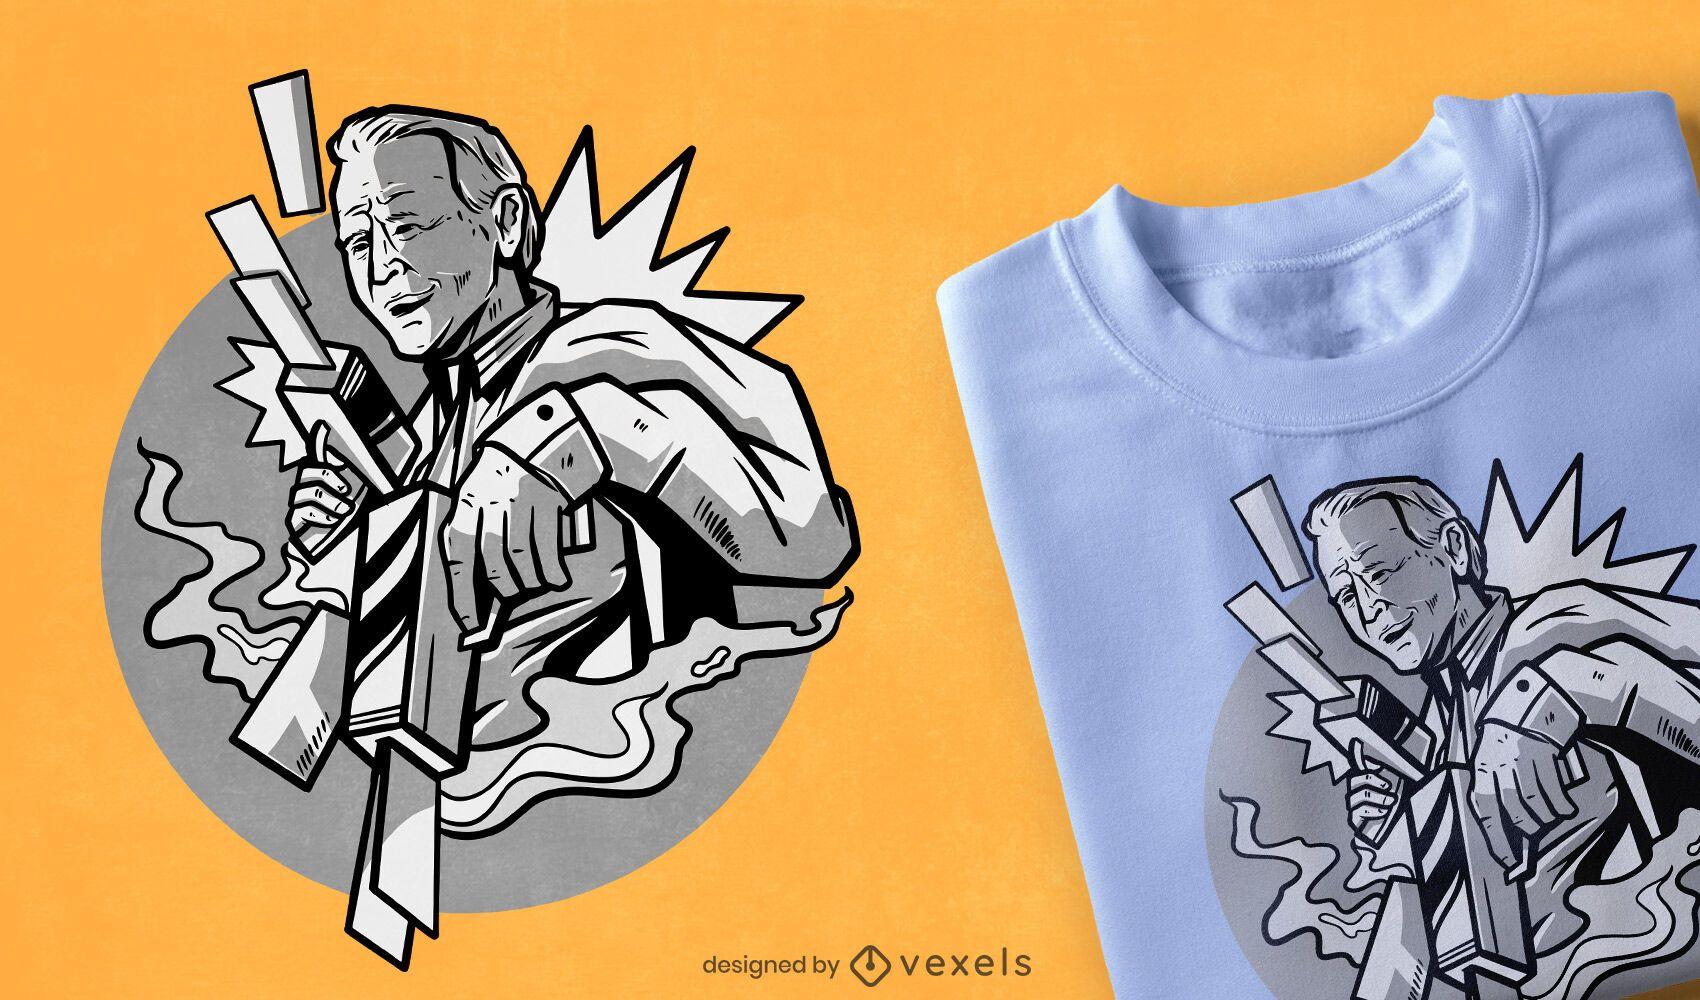 Diseño de camiseta Biden Money Gun